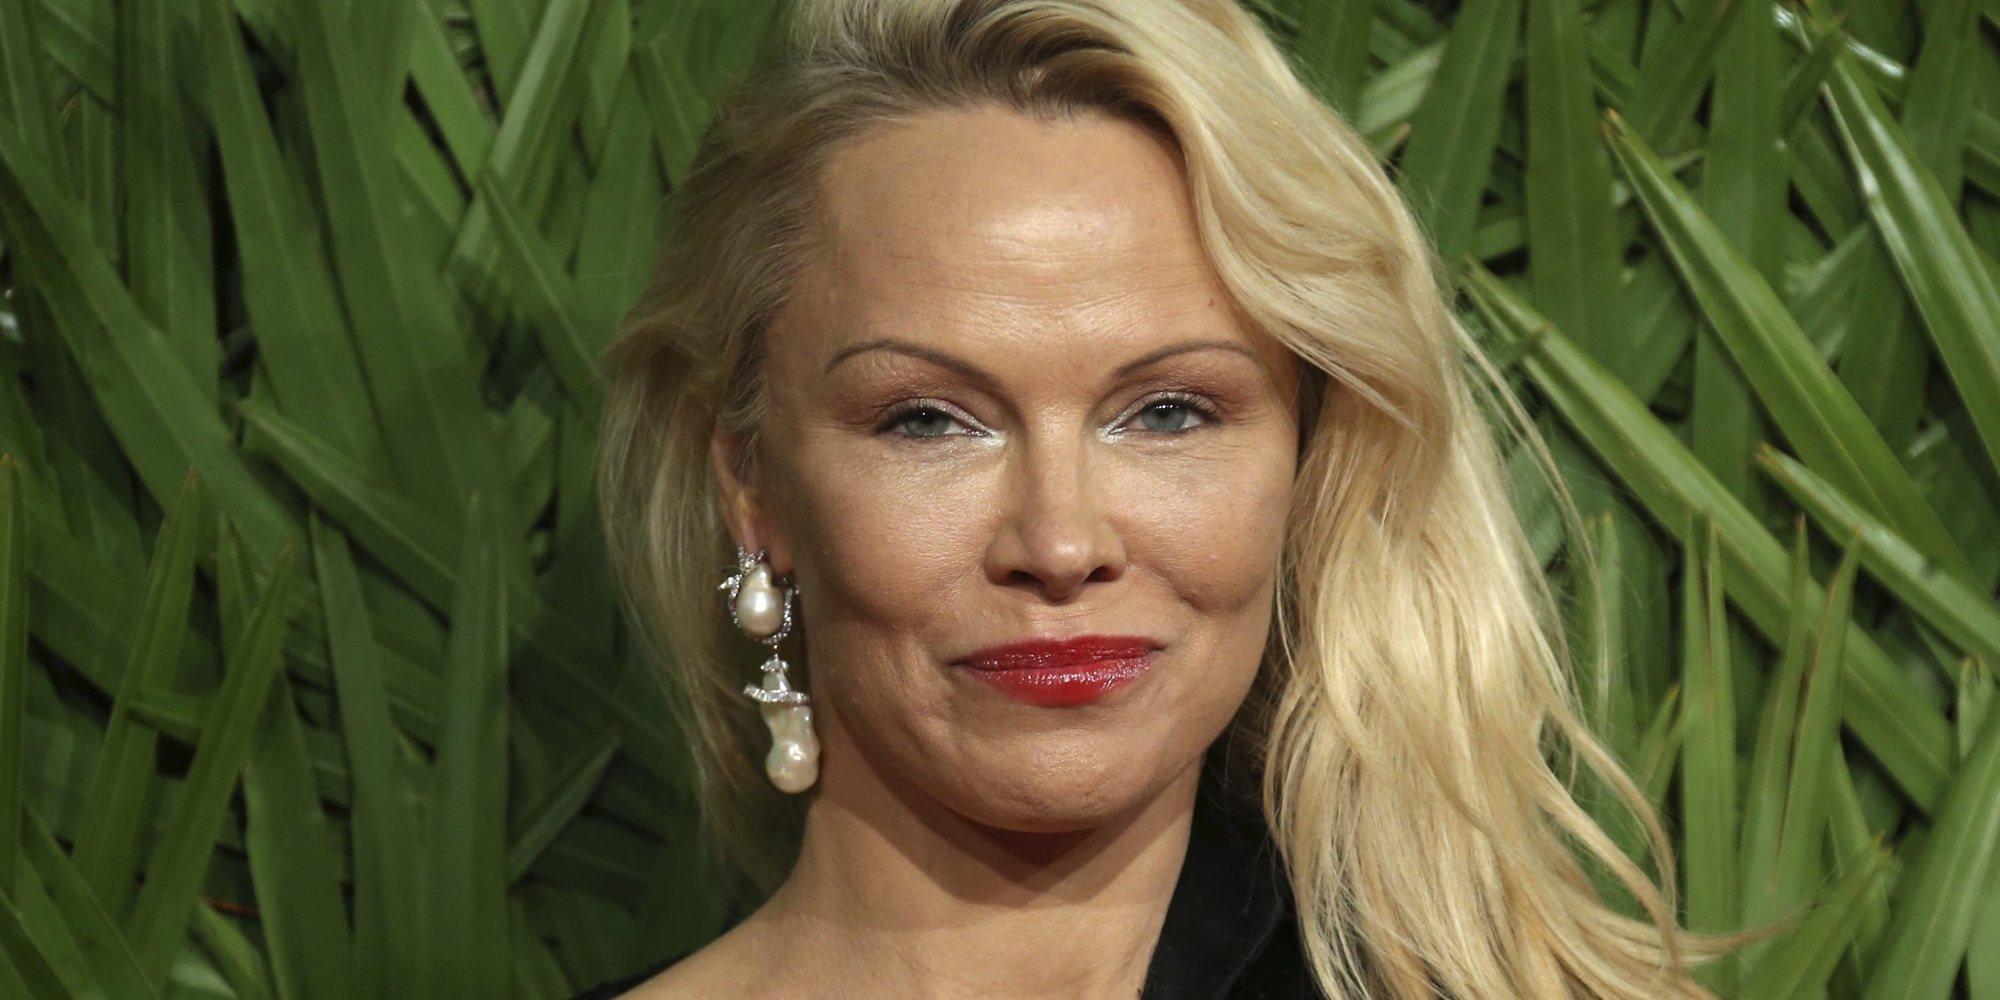 Pamela Anderson confiesa que la revista Playboy le salvó la vida